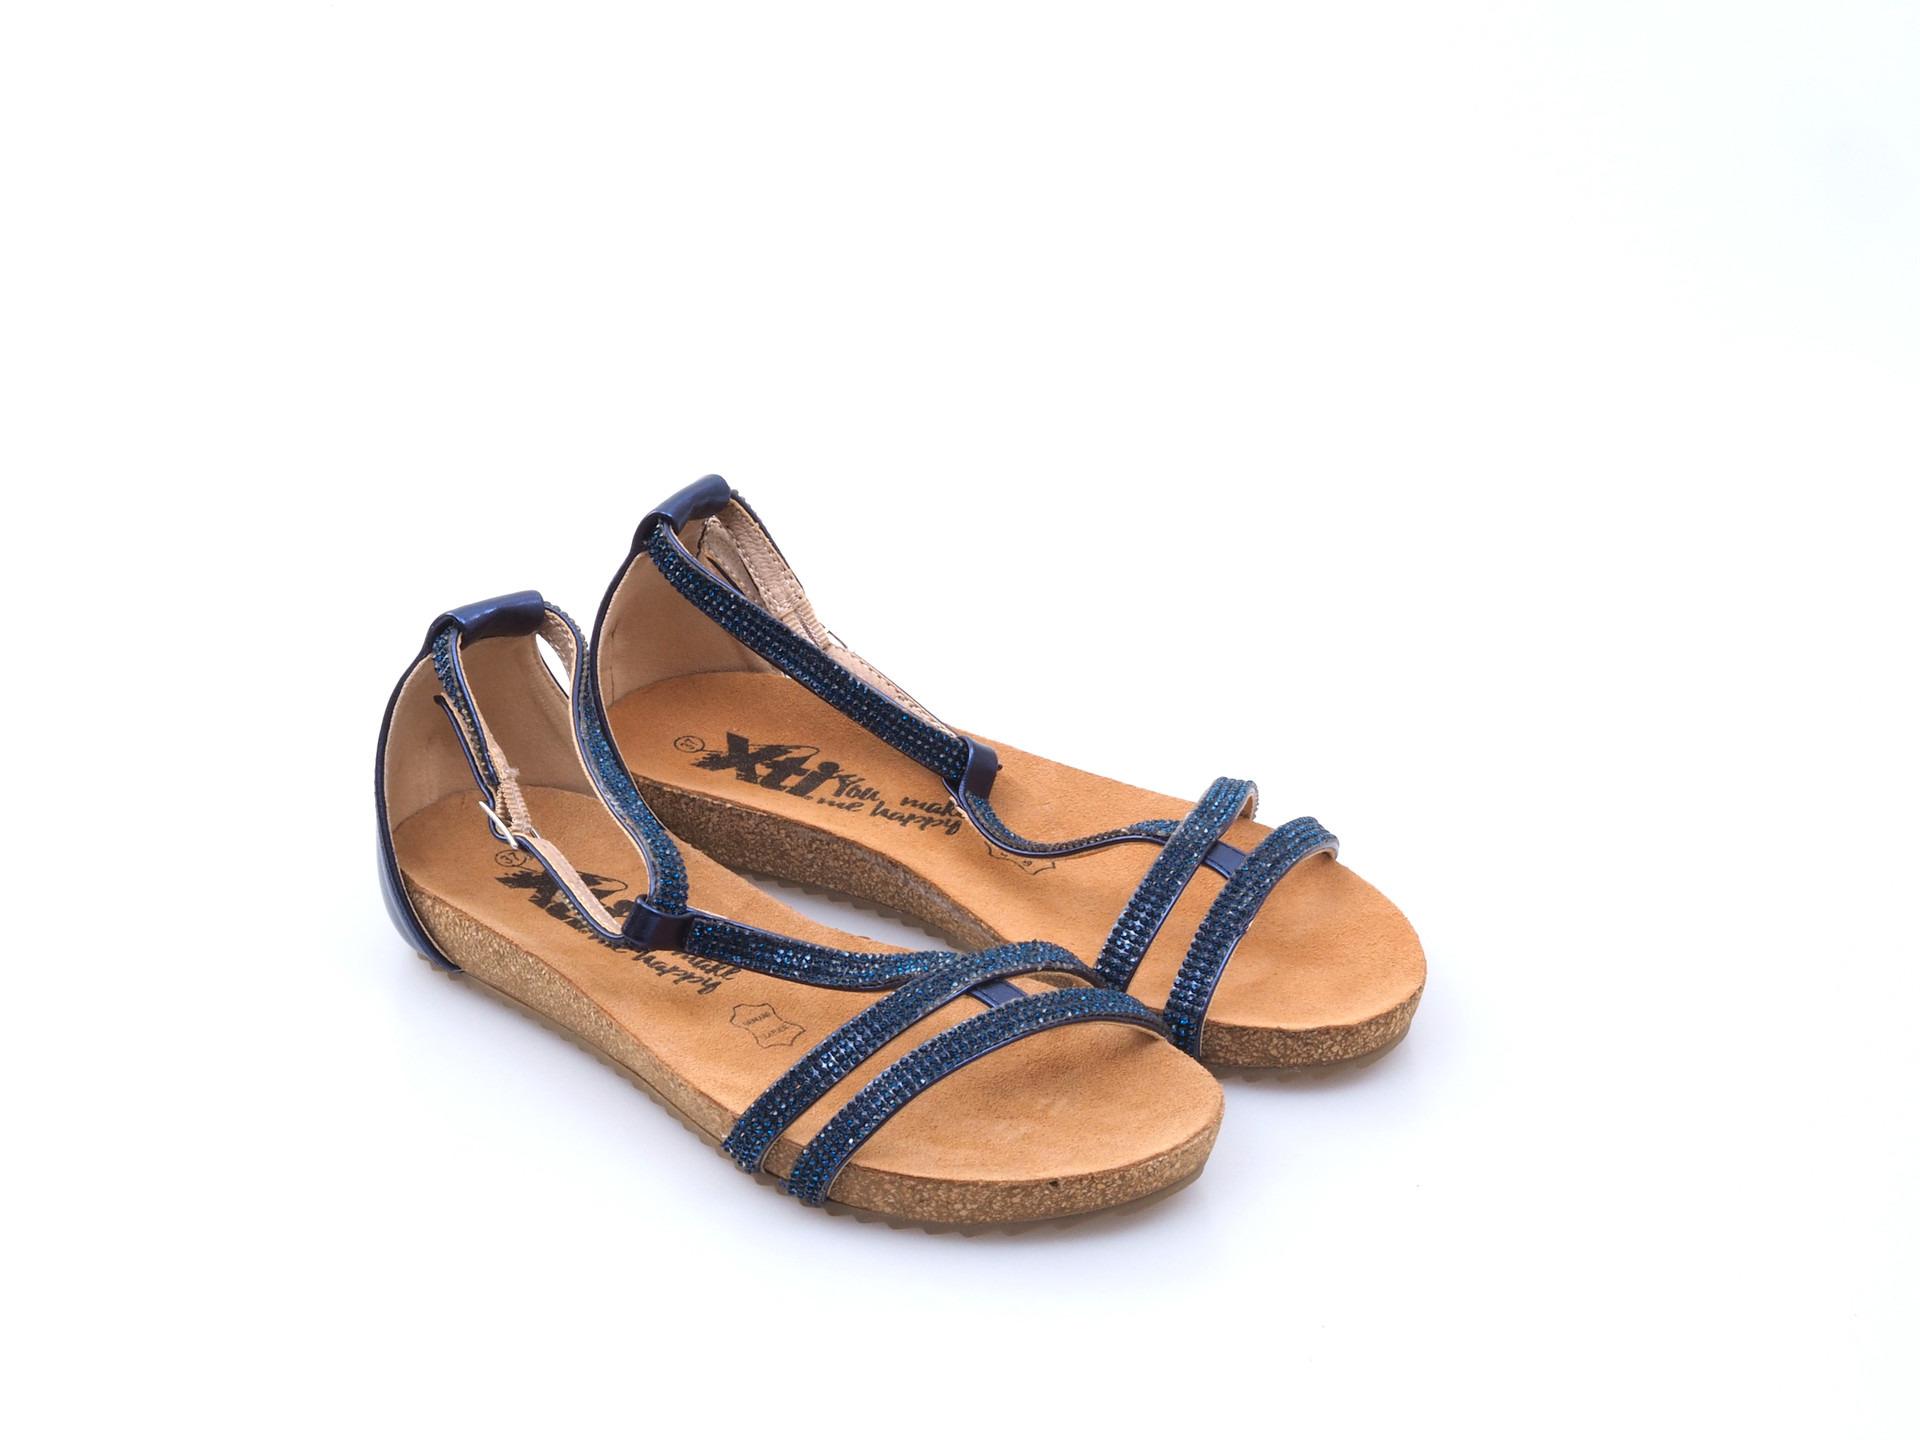 7edd61e4d706 Soňa - Dámska obuv - Sandále - Xti dámska sandála na nízkom podpätku ...